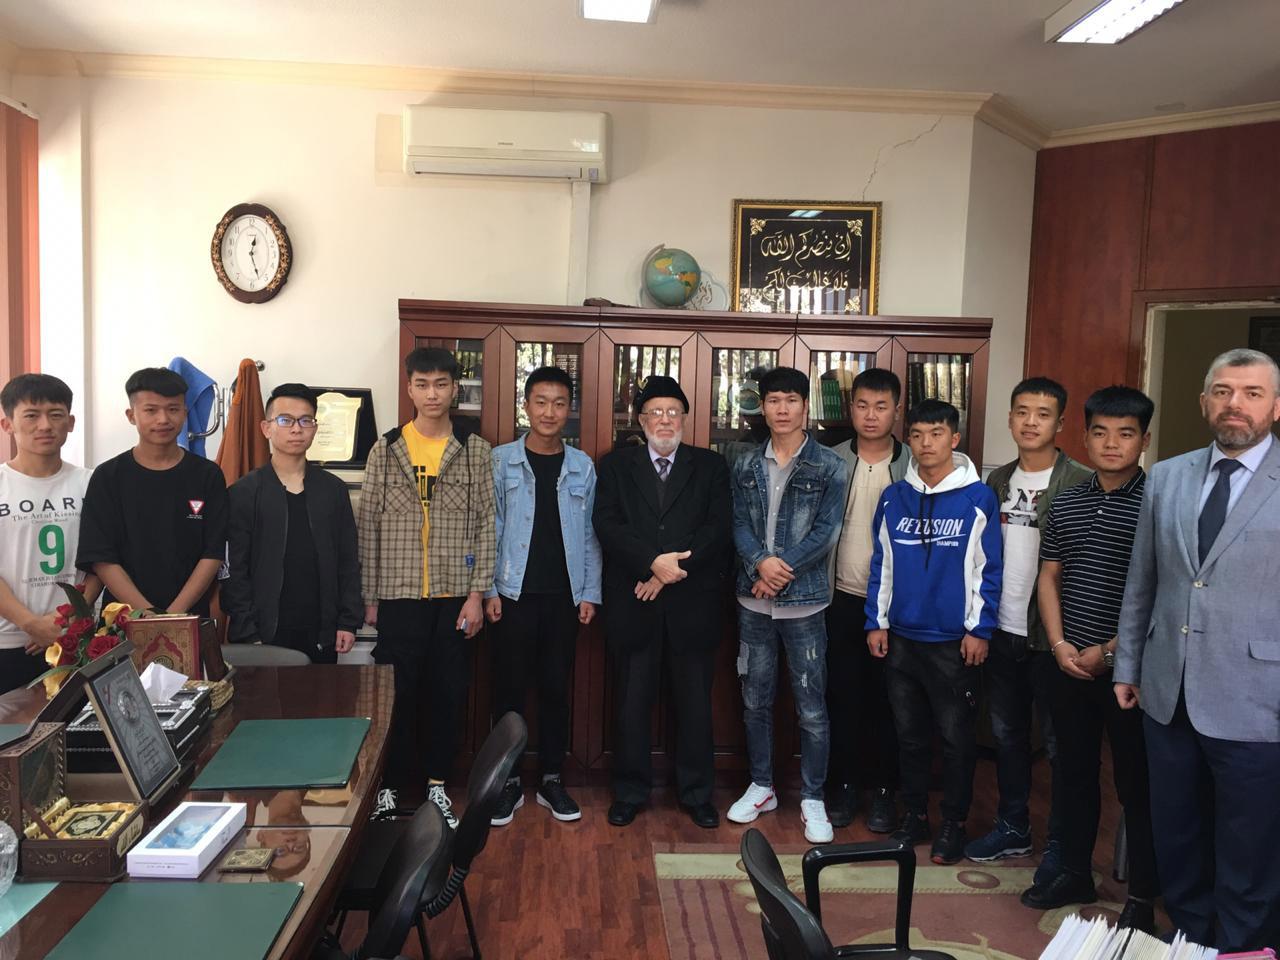 سماحة رئيس مجلس الأمناء يستقبل الطلاب الوافدين الجدد من الصين (1/2)